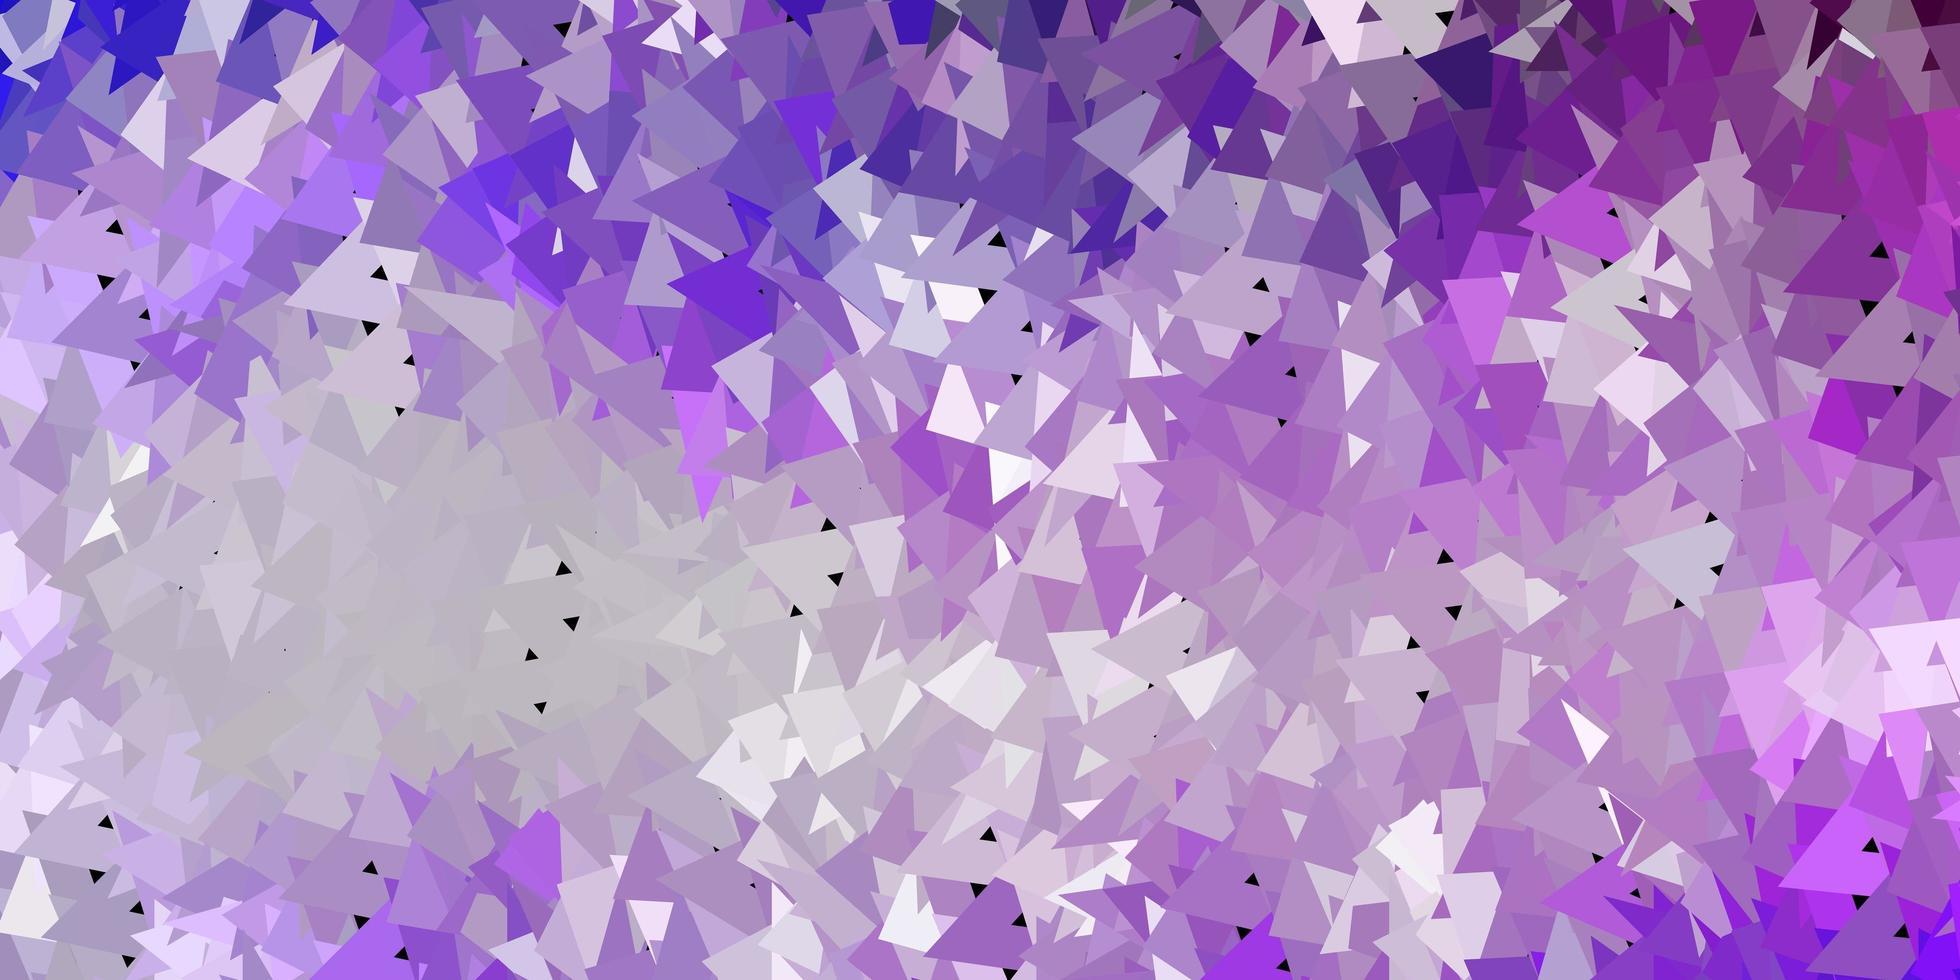 ljuslila vektor abstrakt triangel konsistens.